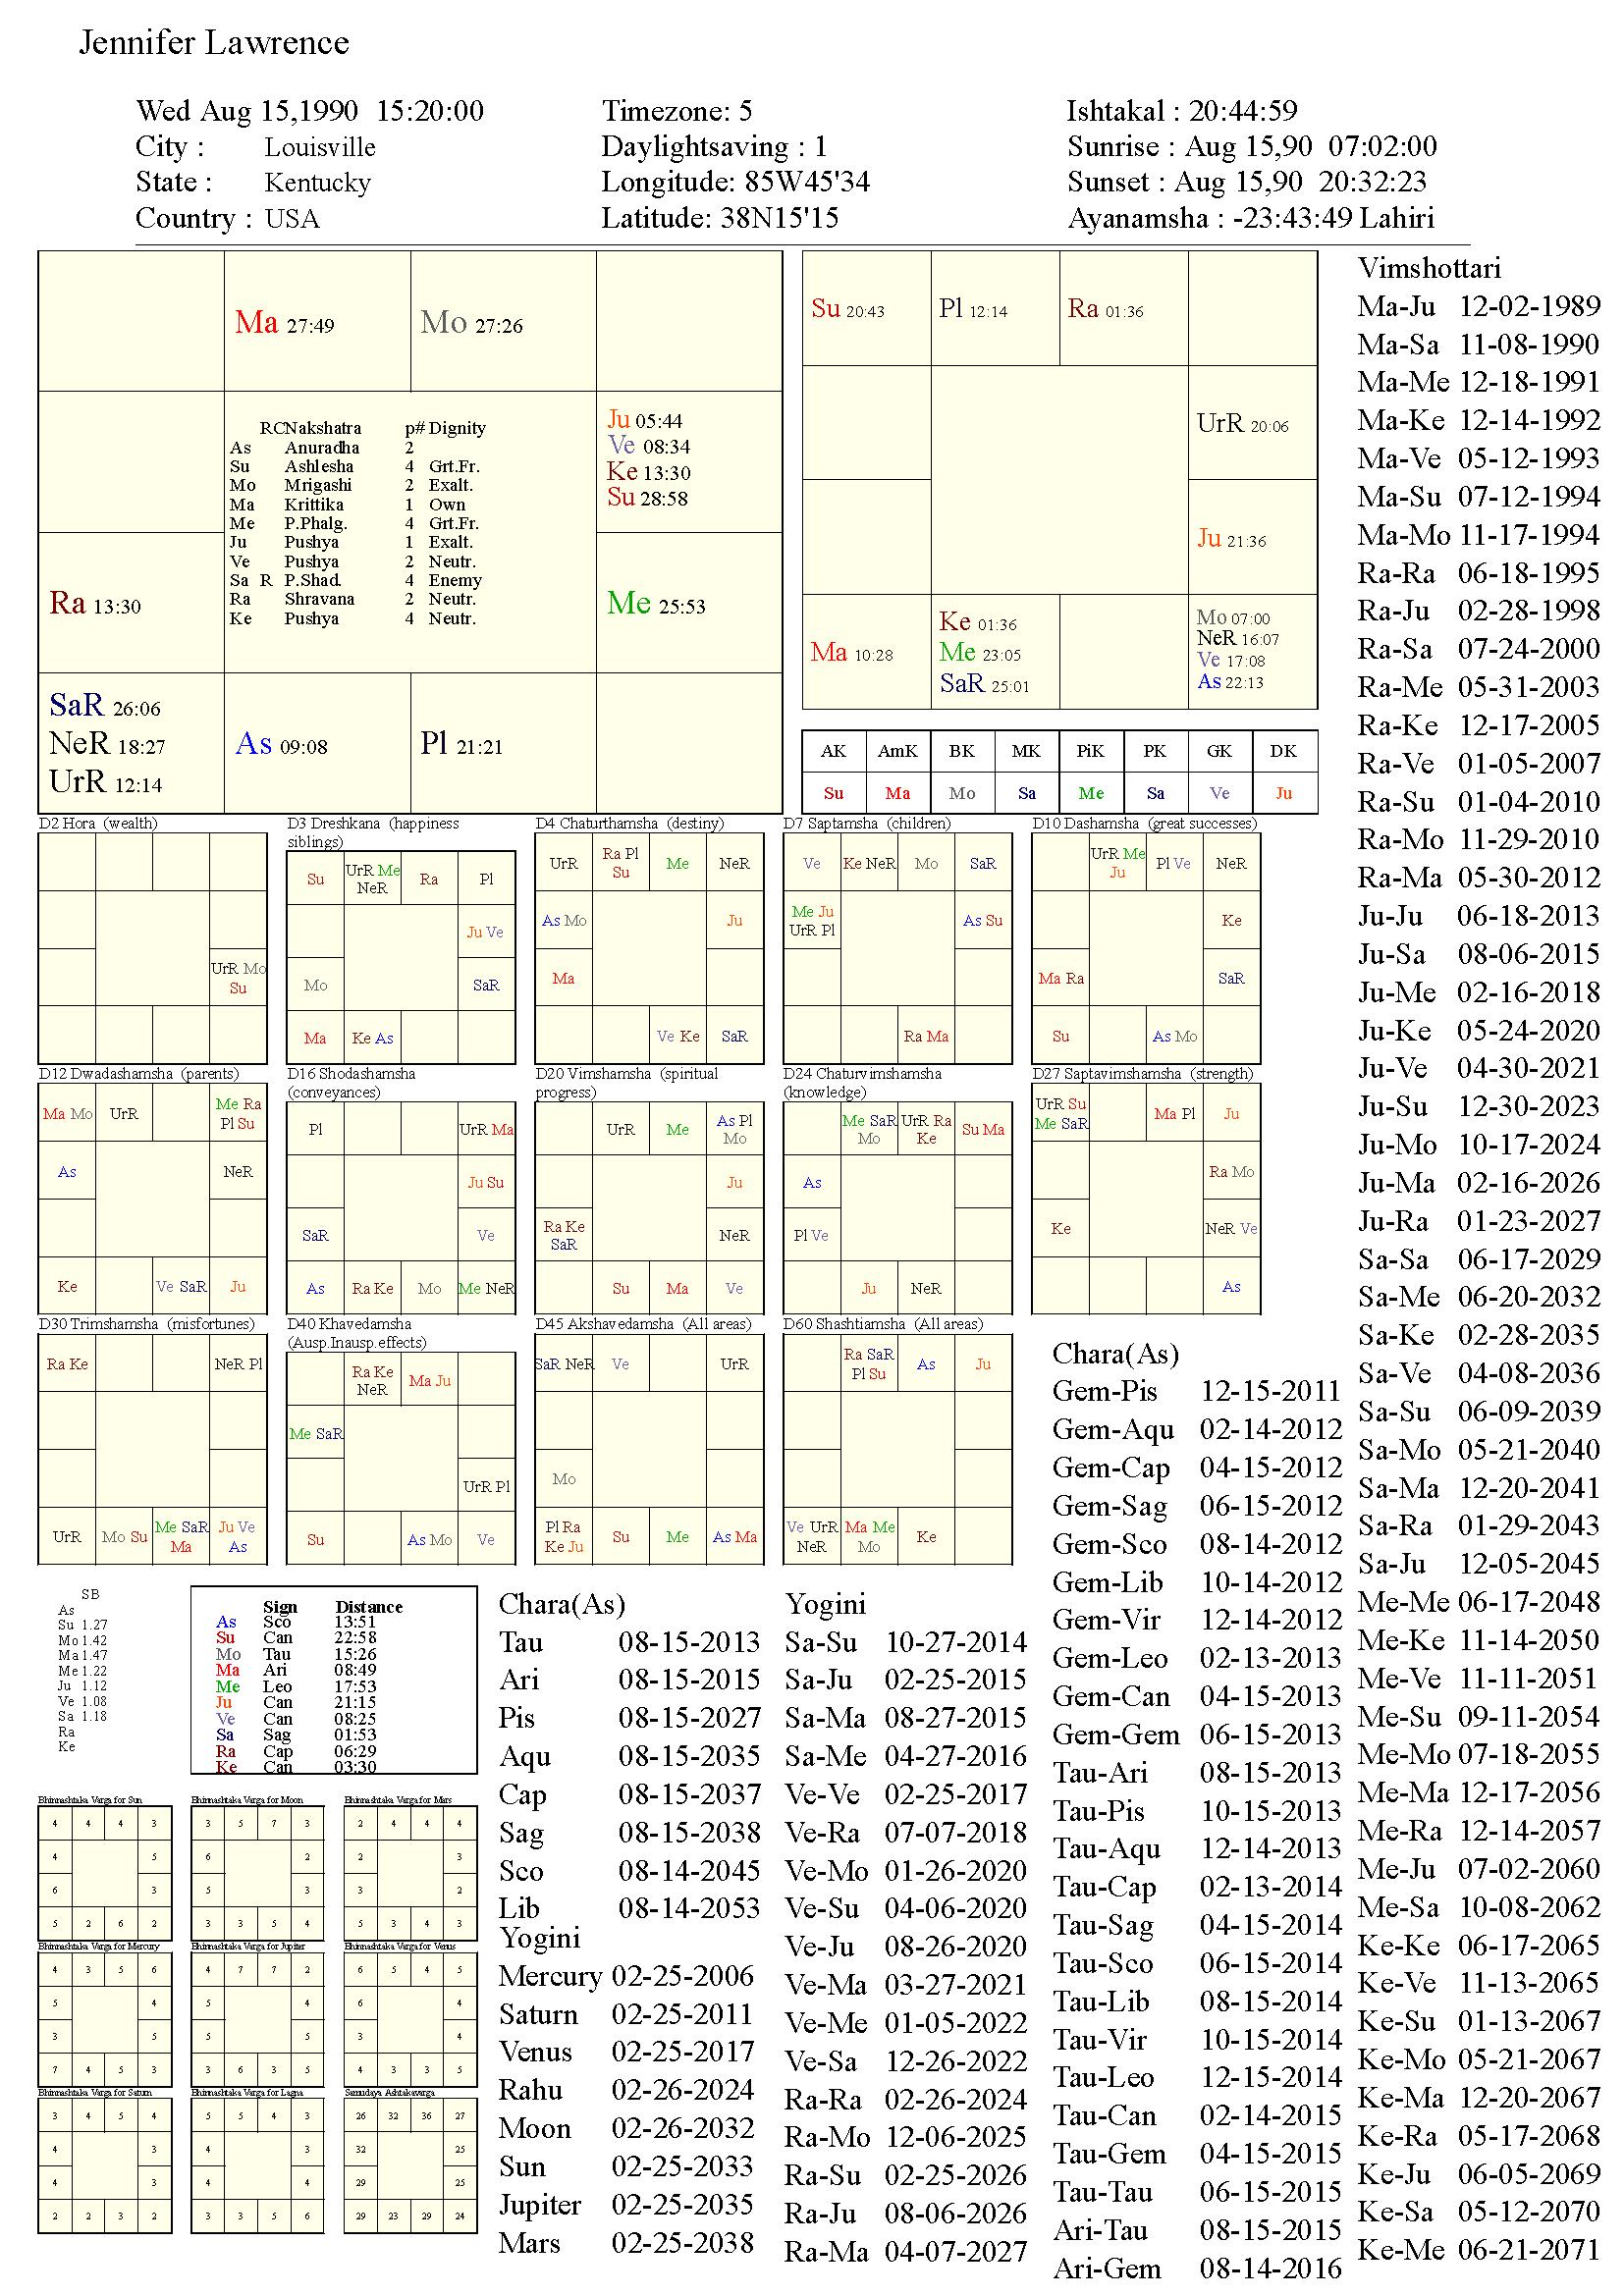 jenniferlawrence_chart